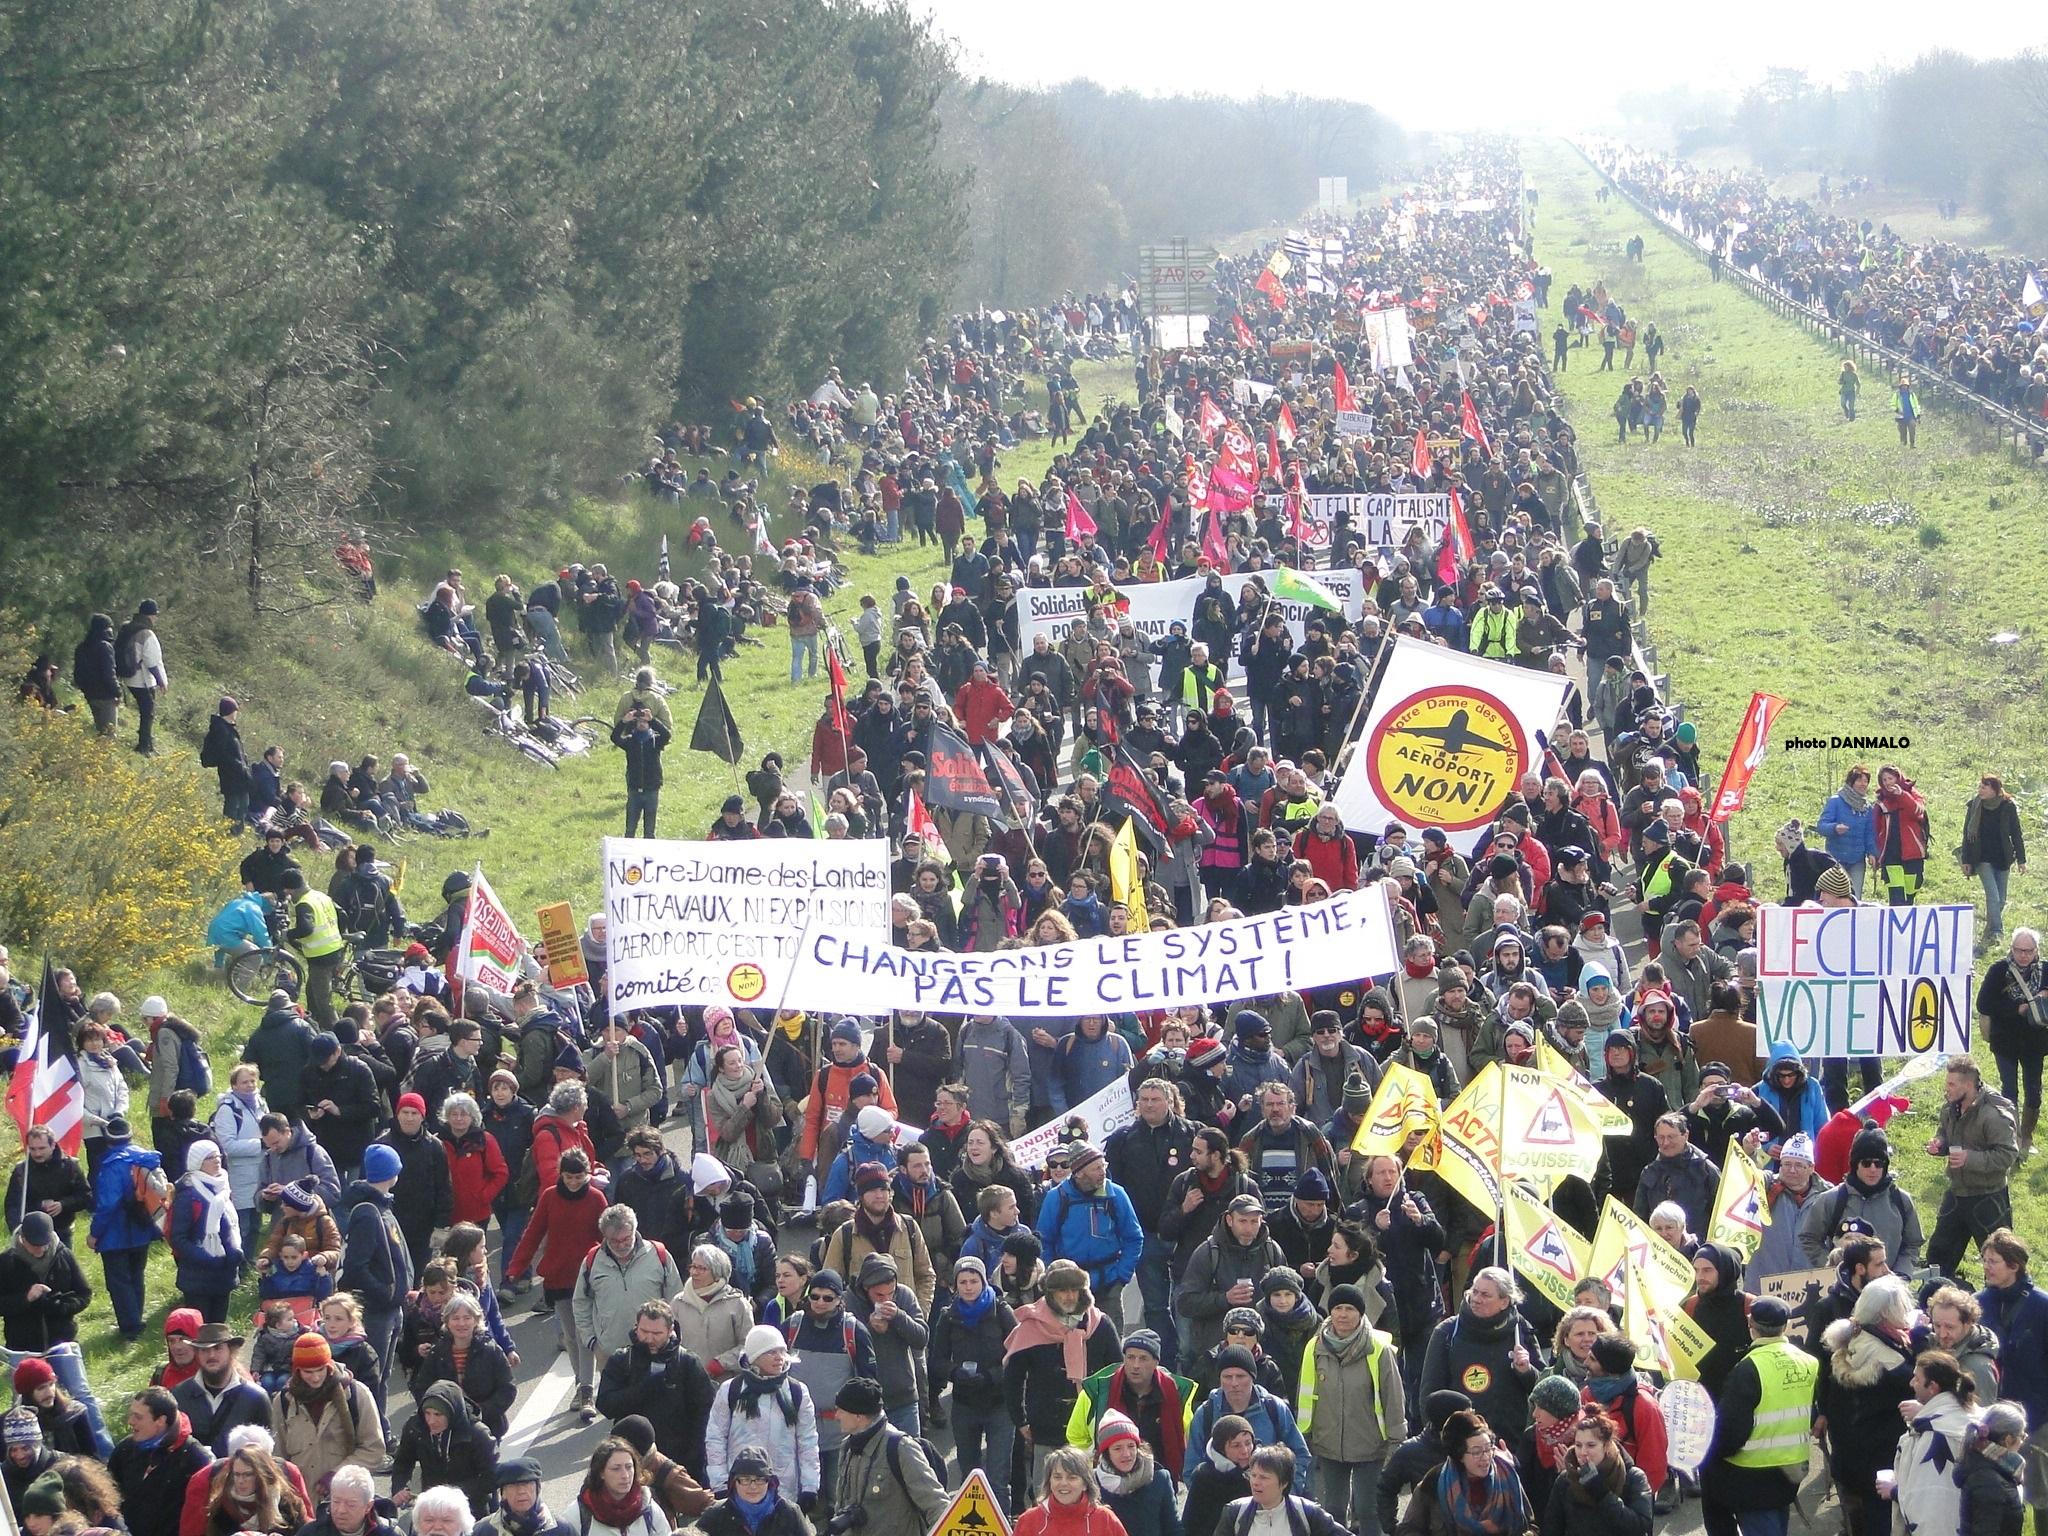 manifestation massive NDDL Notre Dame des Landes